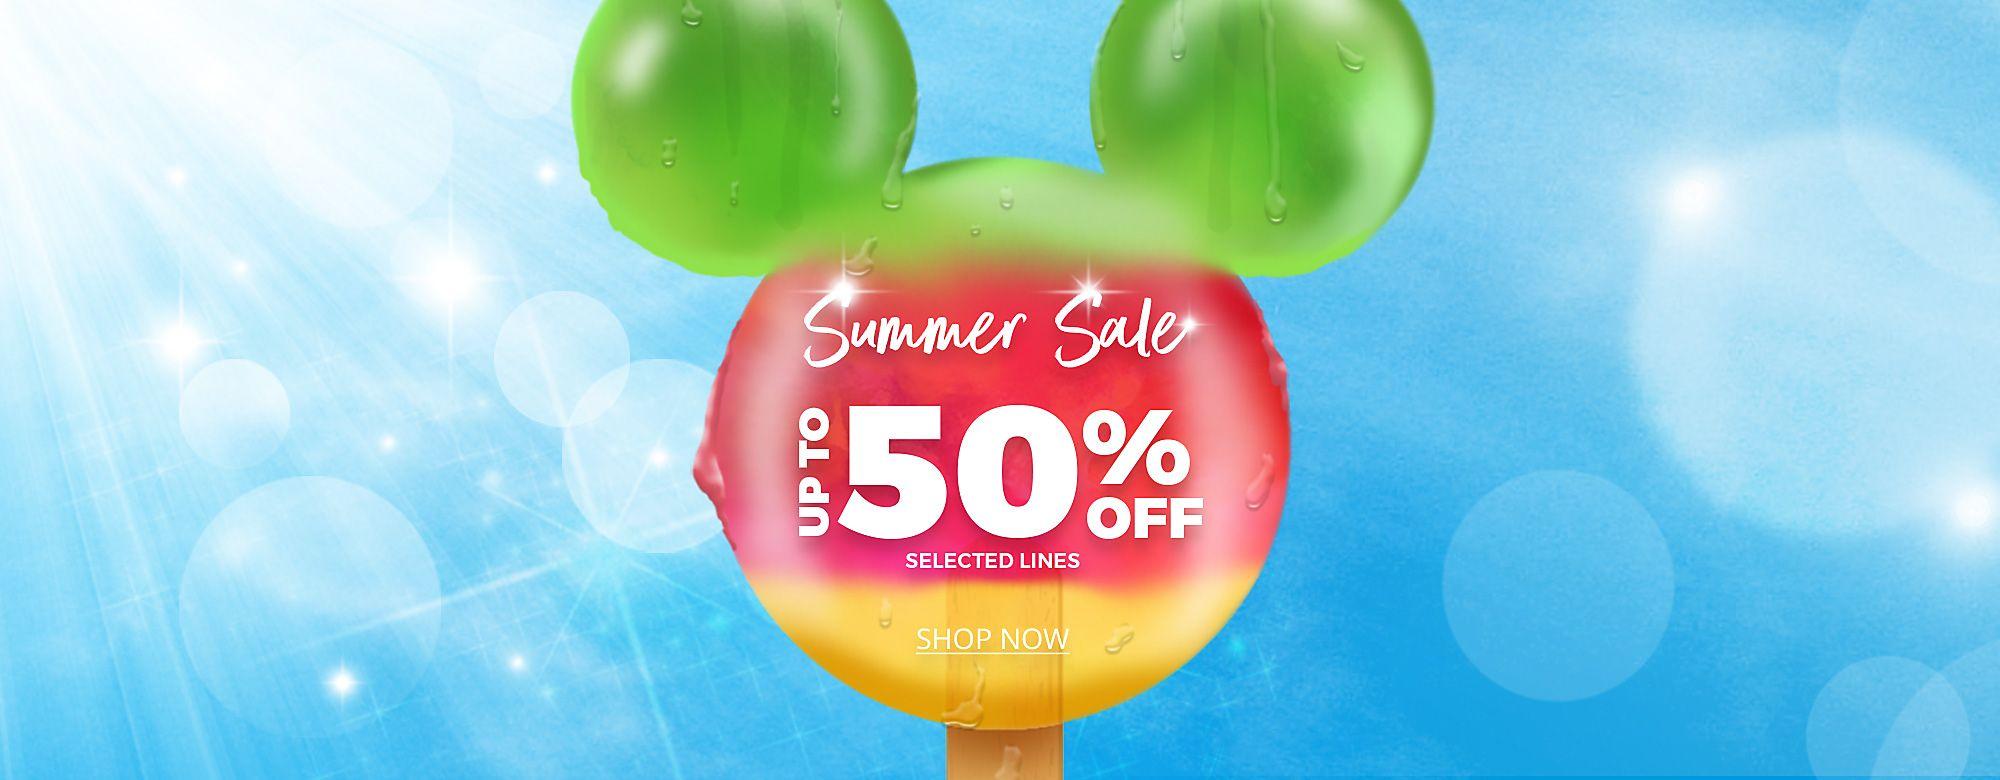 390af7646 shopDisney UK | Home to Official Disney Merchandise